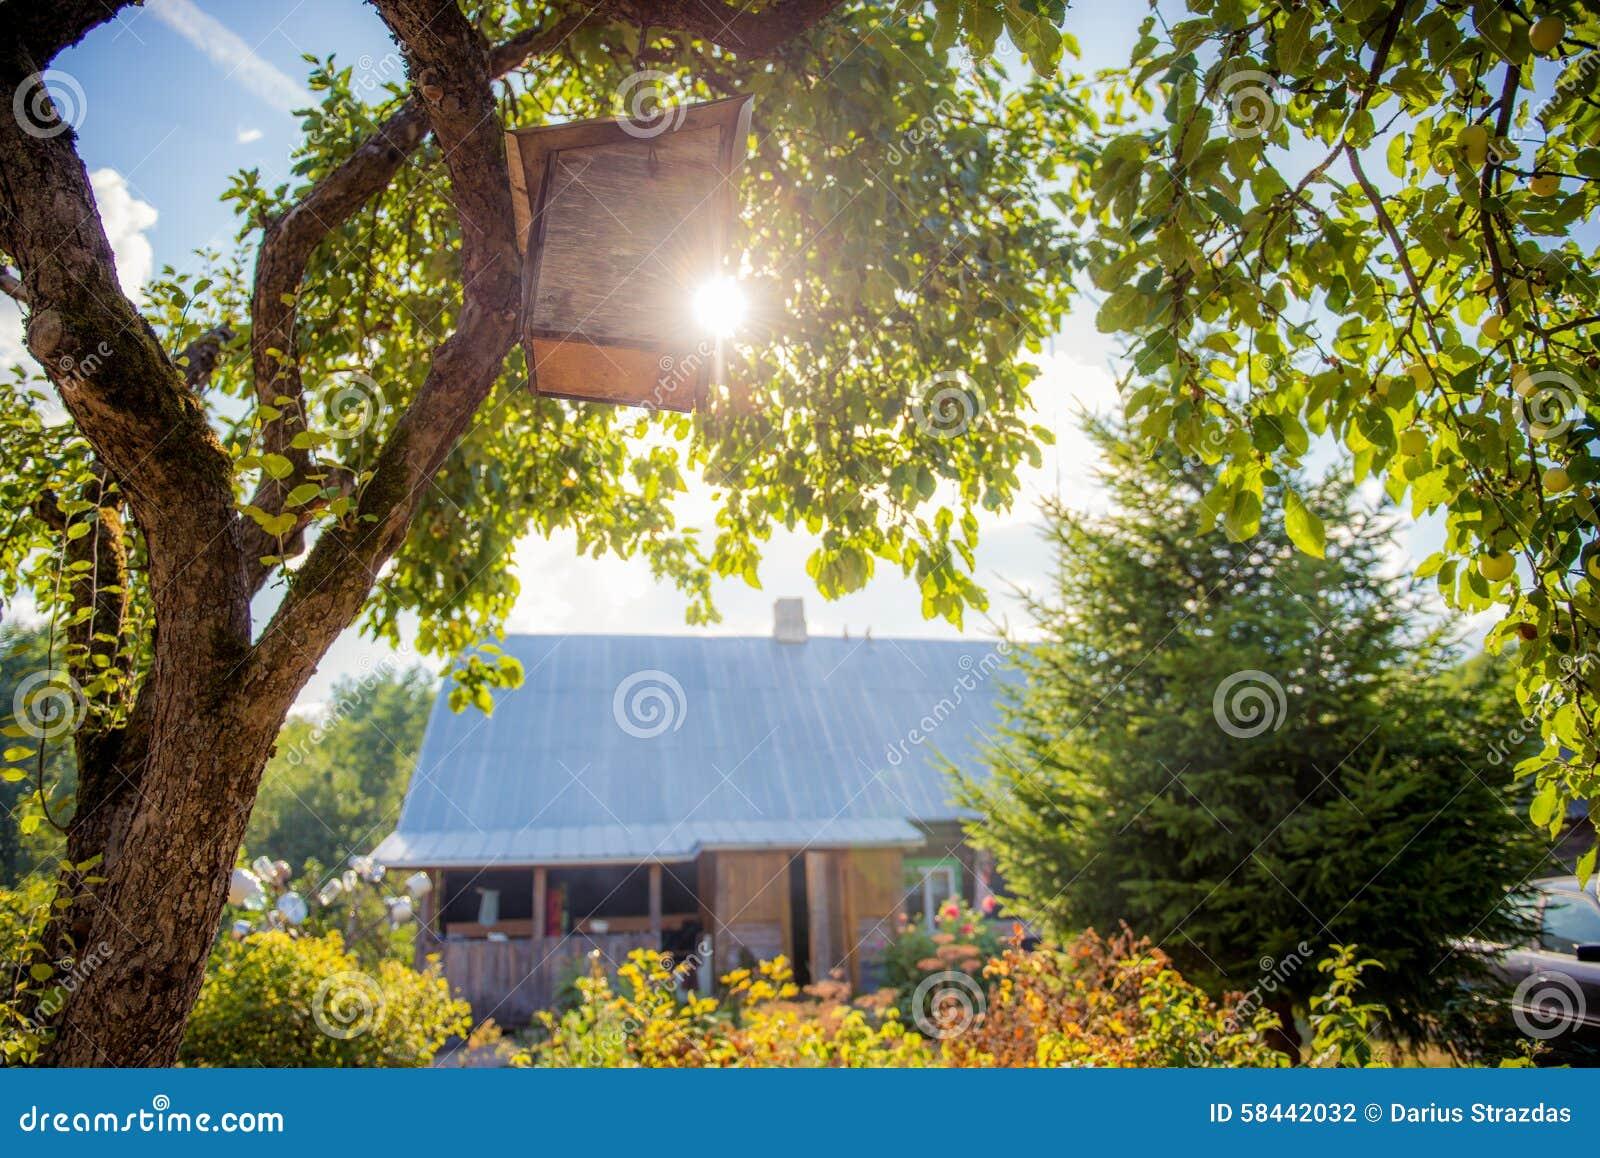 Old garden house - Old Garden House Stock Photo